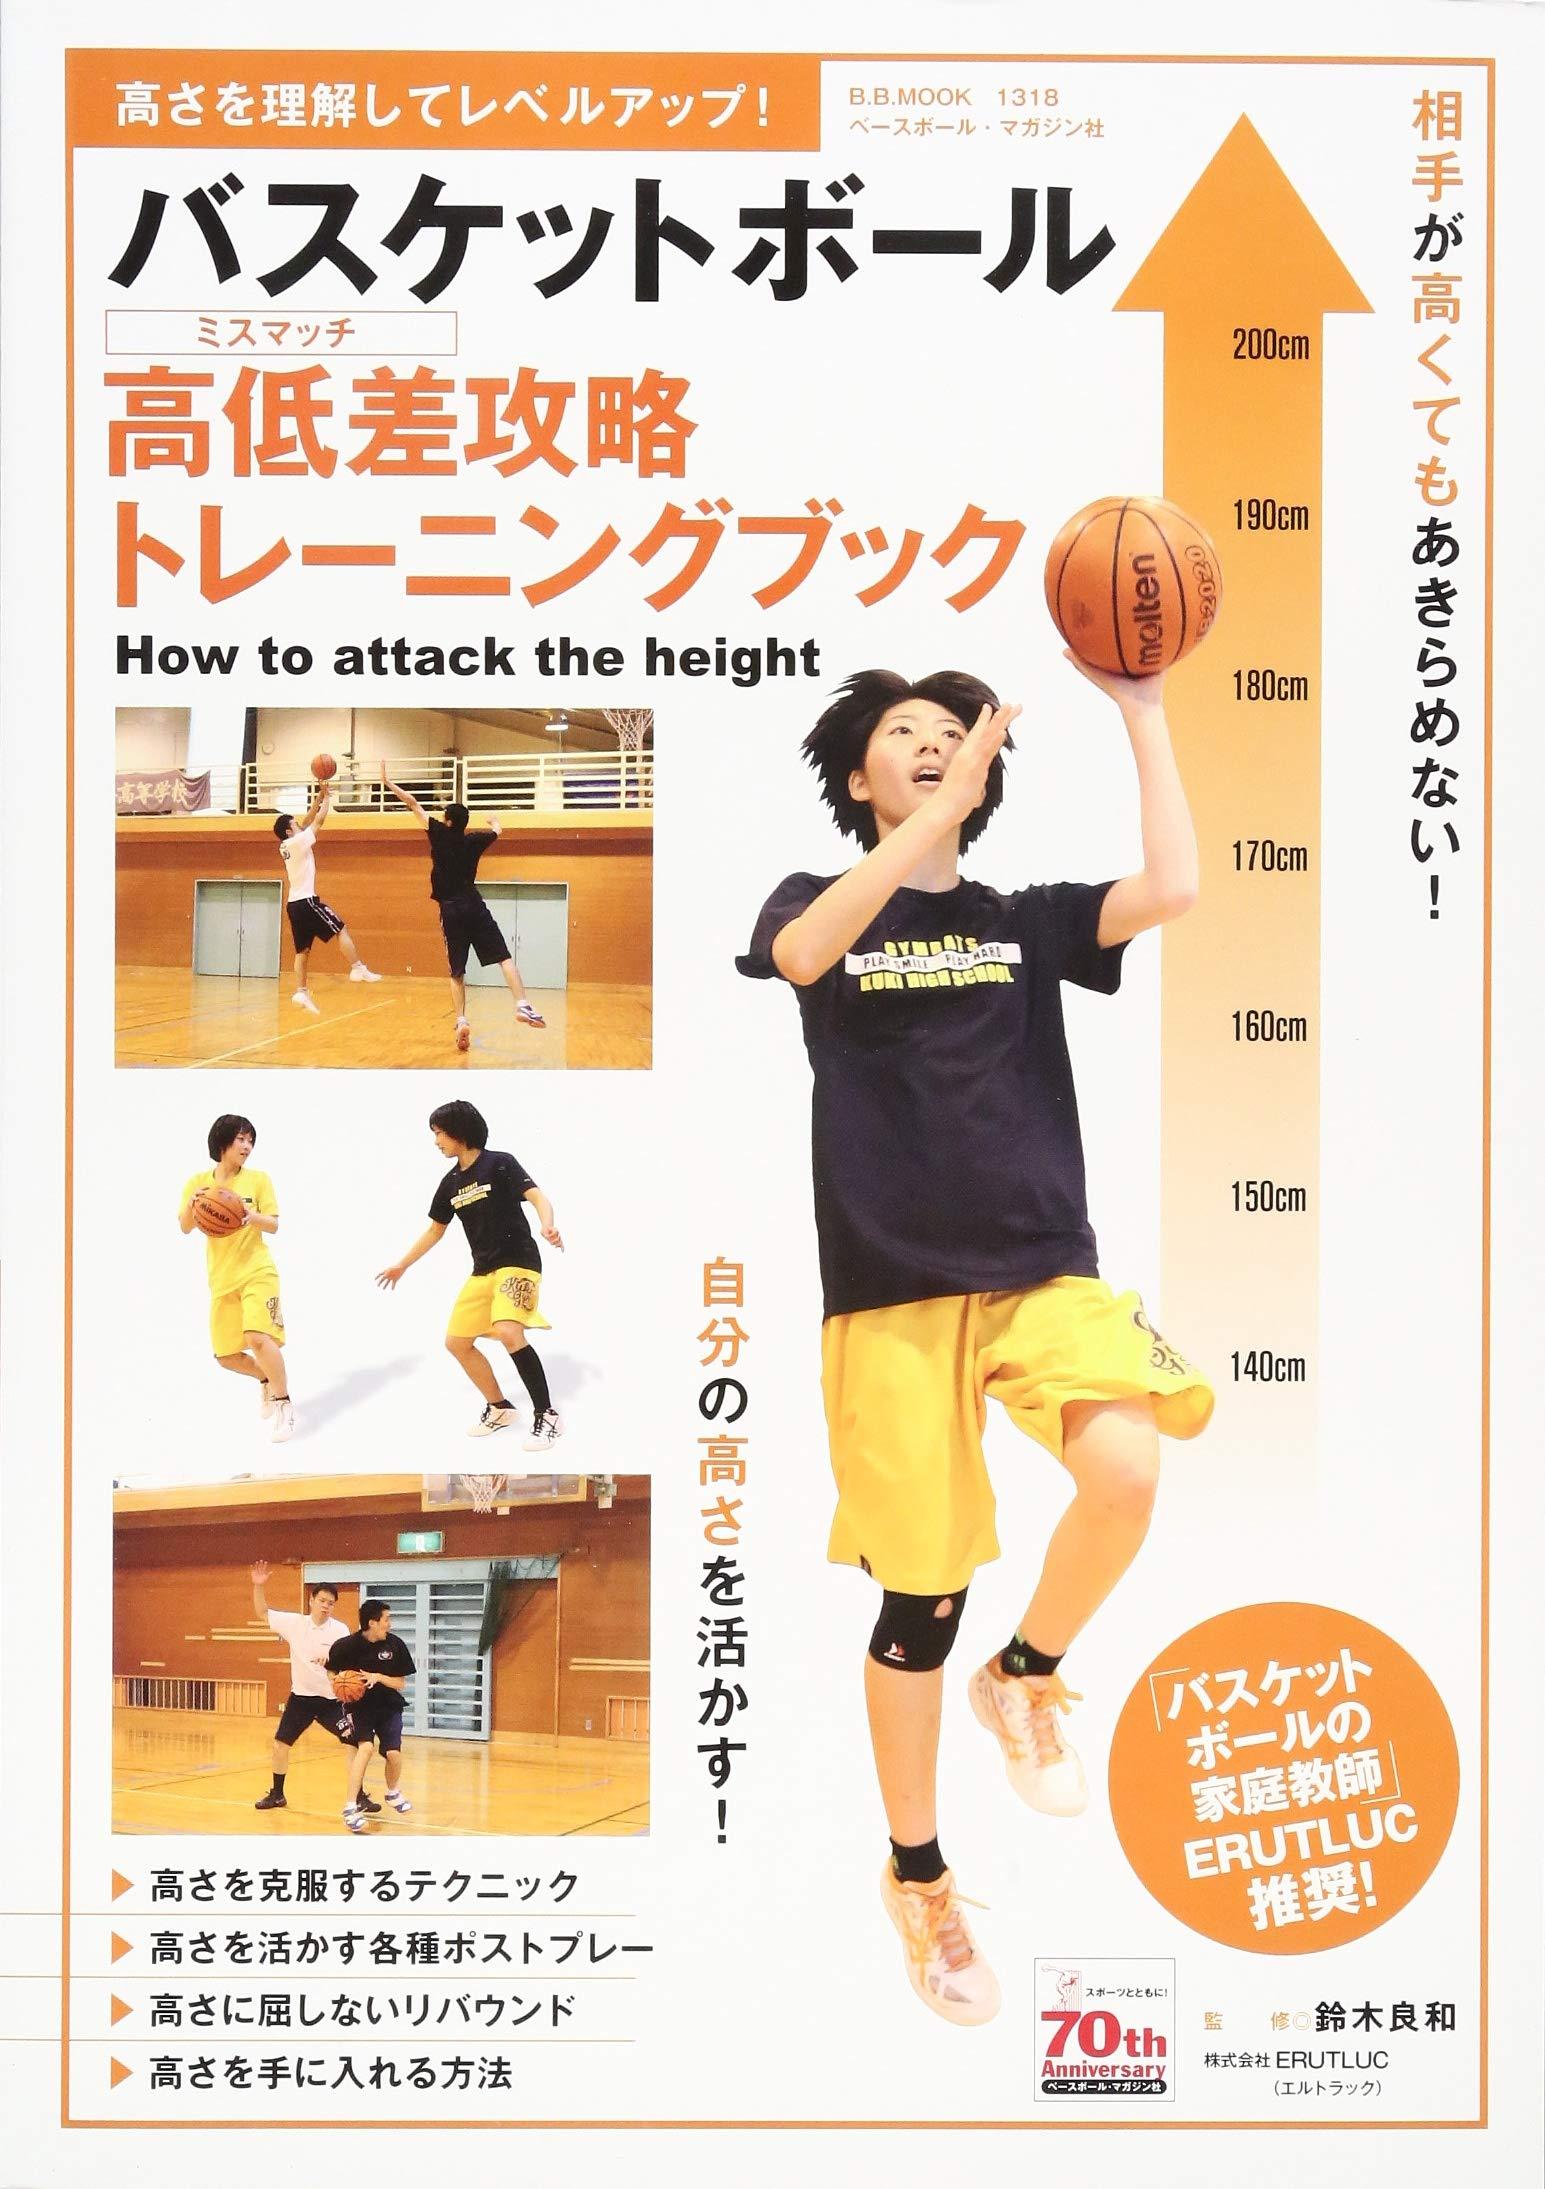 バスケットボール 高低差攻略本